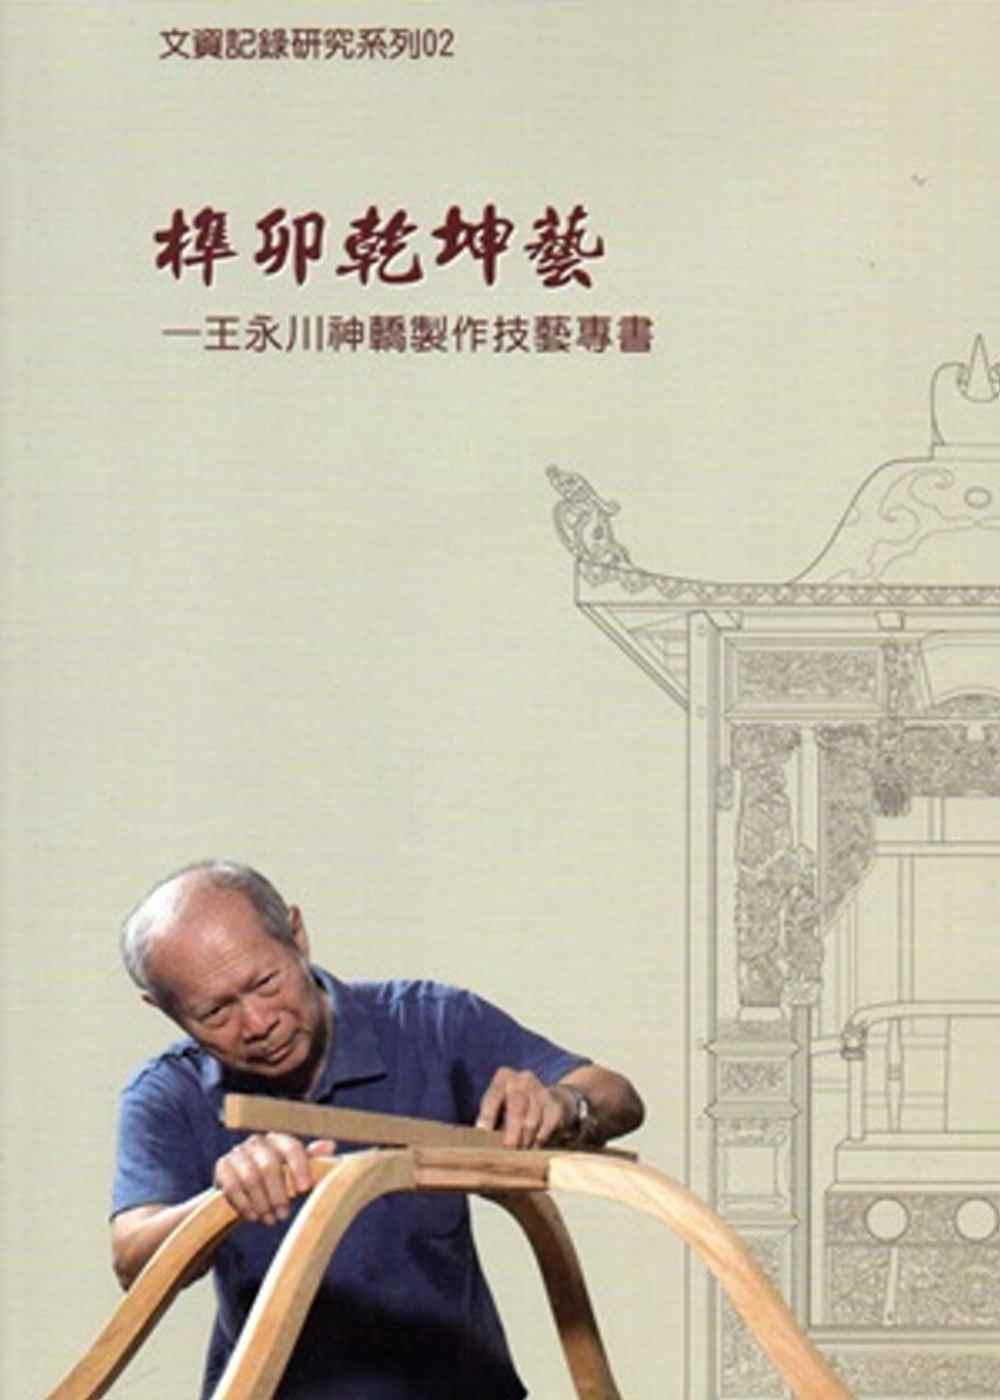 榫卯乾坤藝:王永川神轎製作技藝專書(附光碟)文資紀錄研究系列02